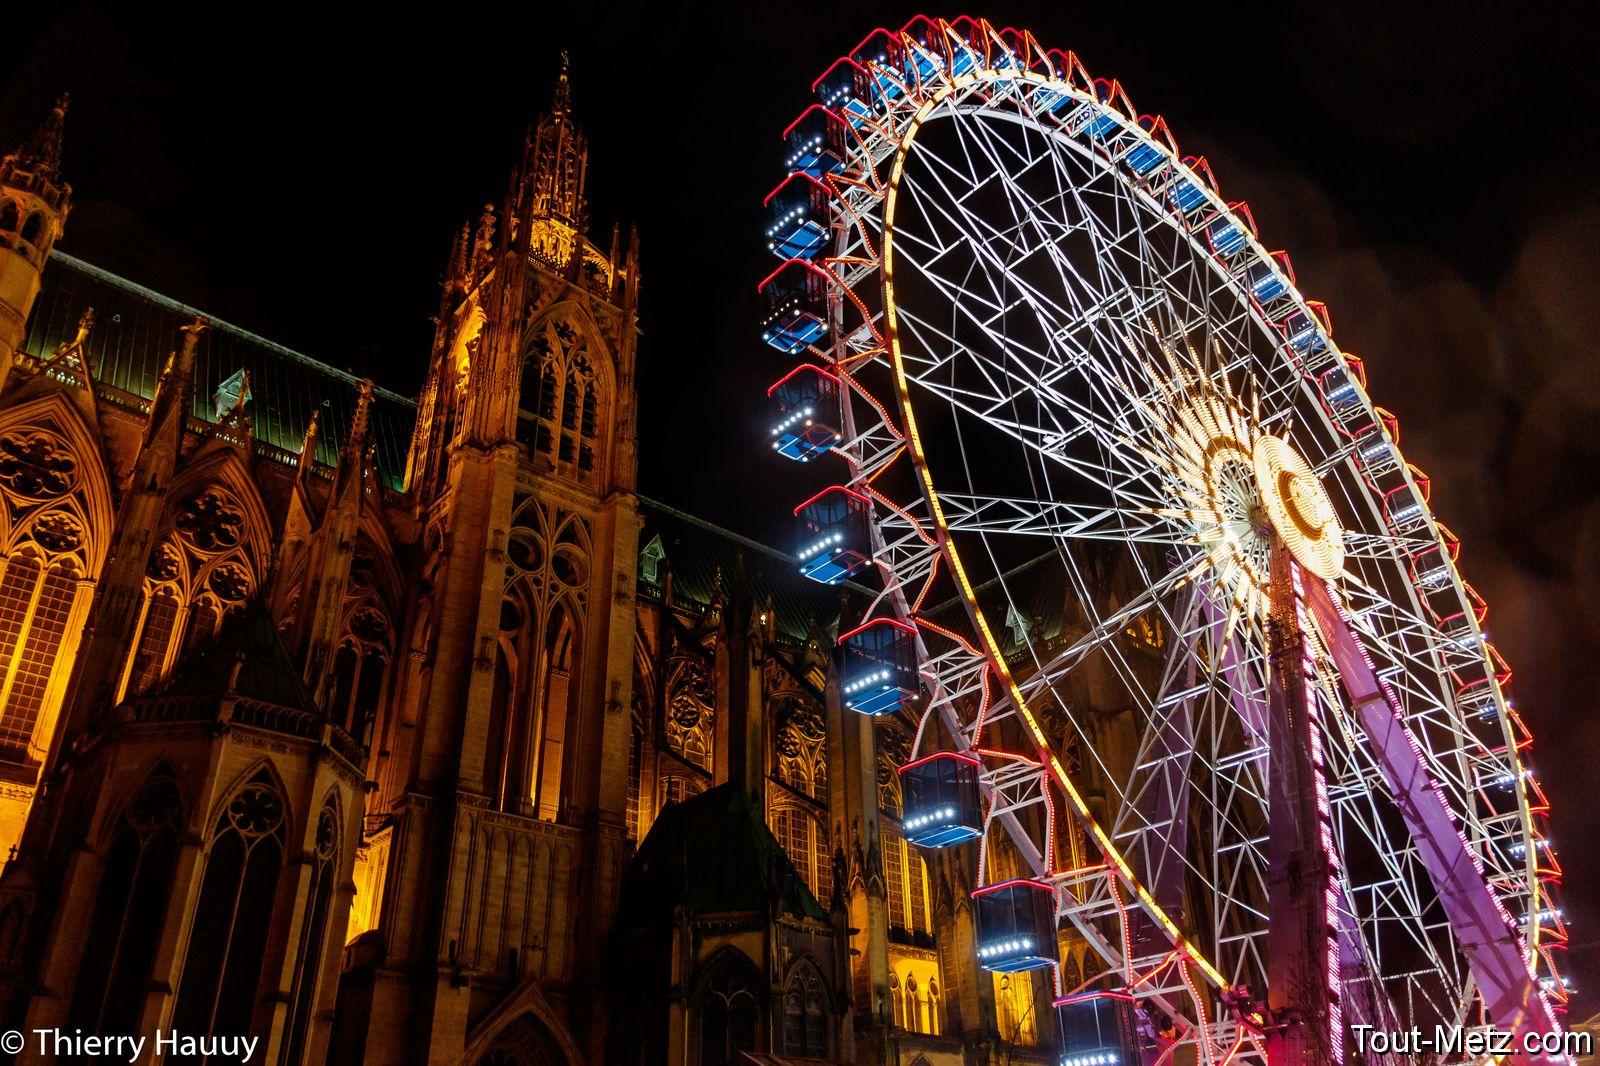 Marche Metz illuminée : une balade nocturne dans le cœur de la ville